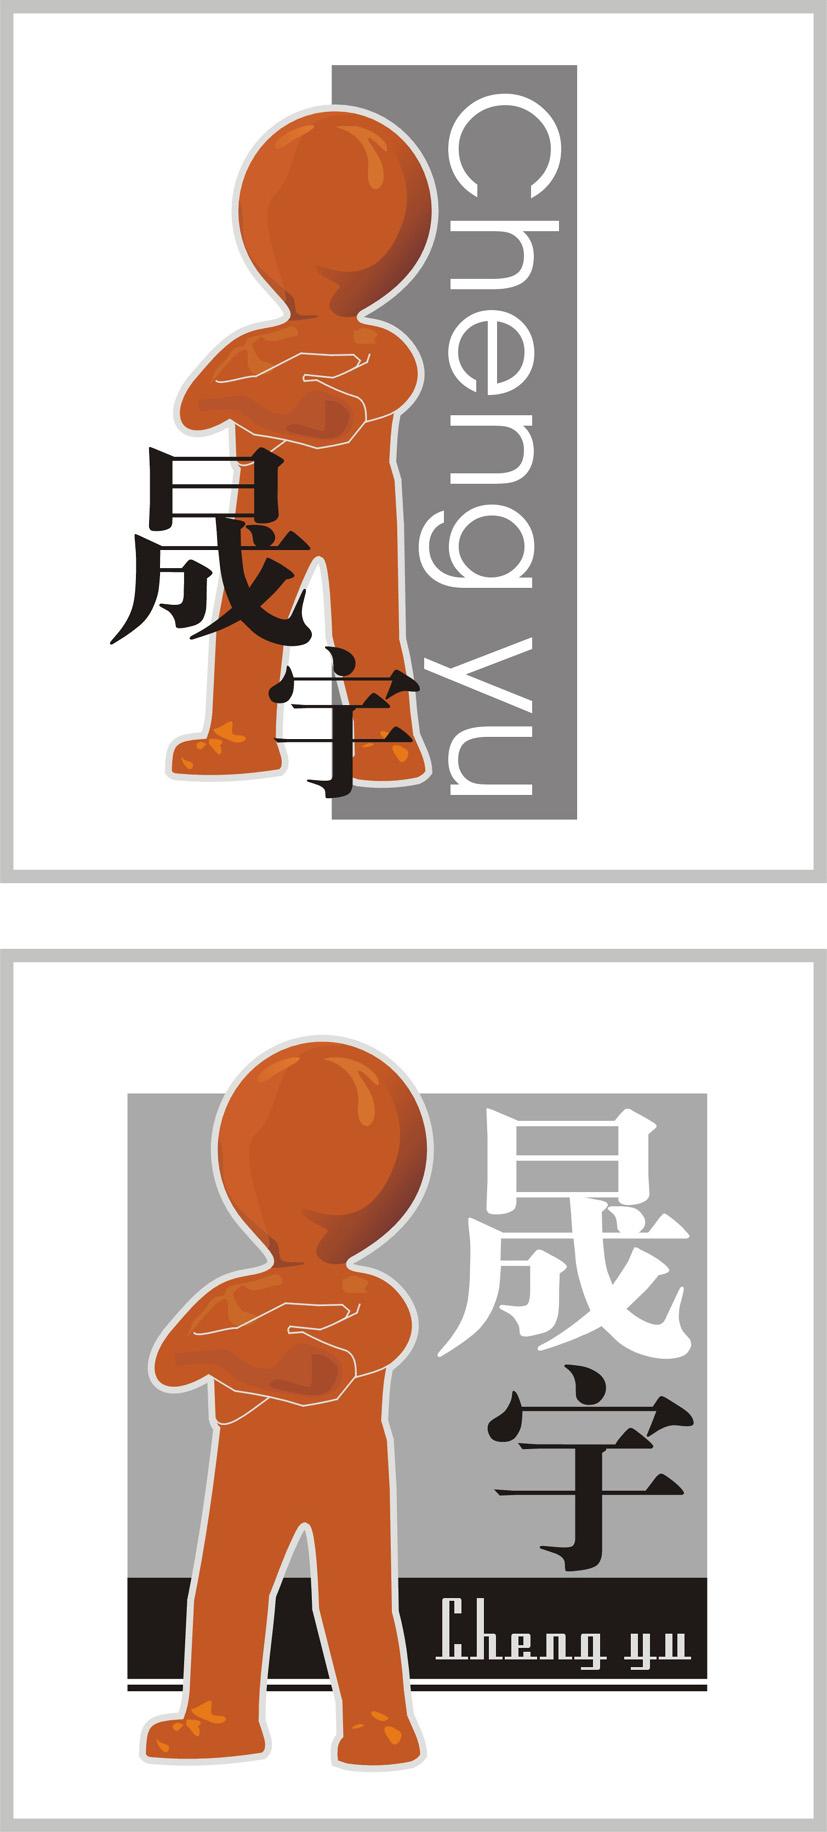 刚帮朋友的物流公司设计的一个logo 第一次发贴,希望多多点评` 设计